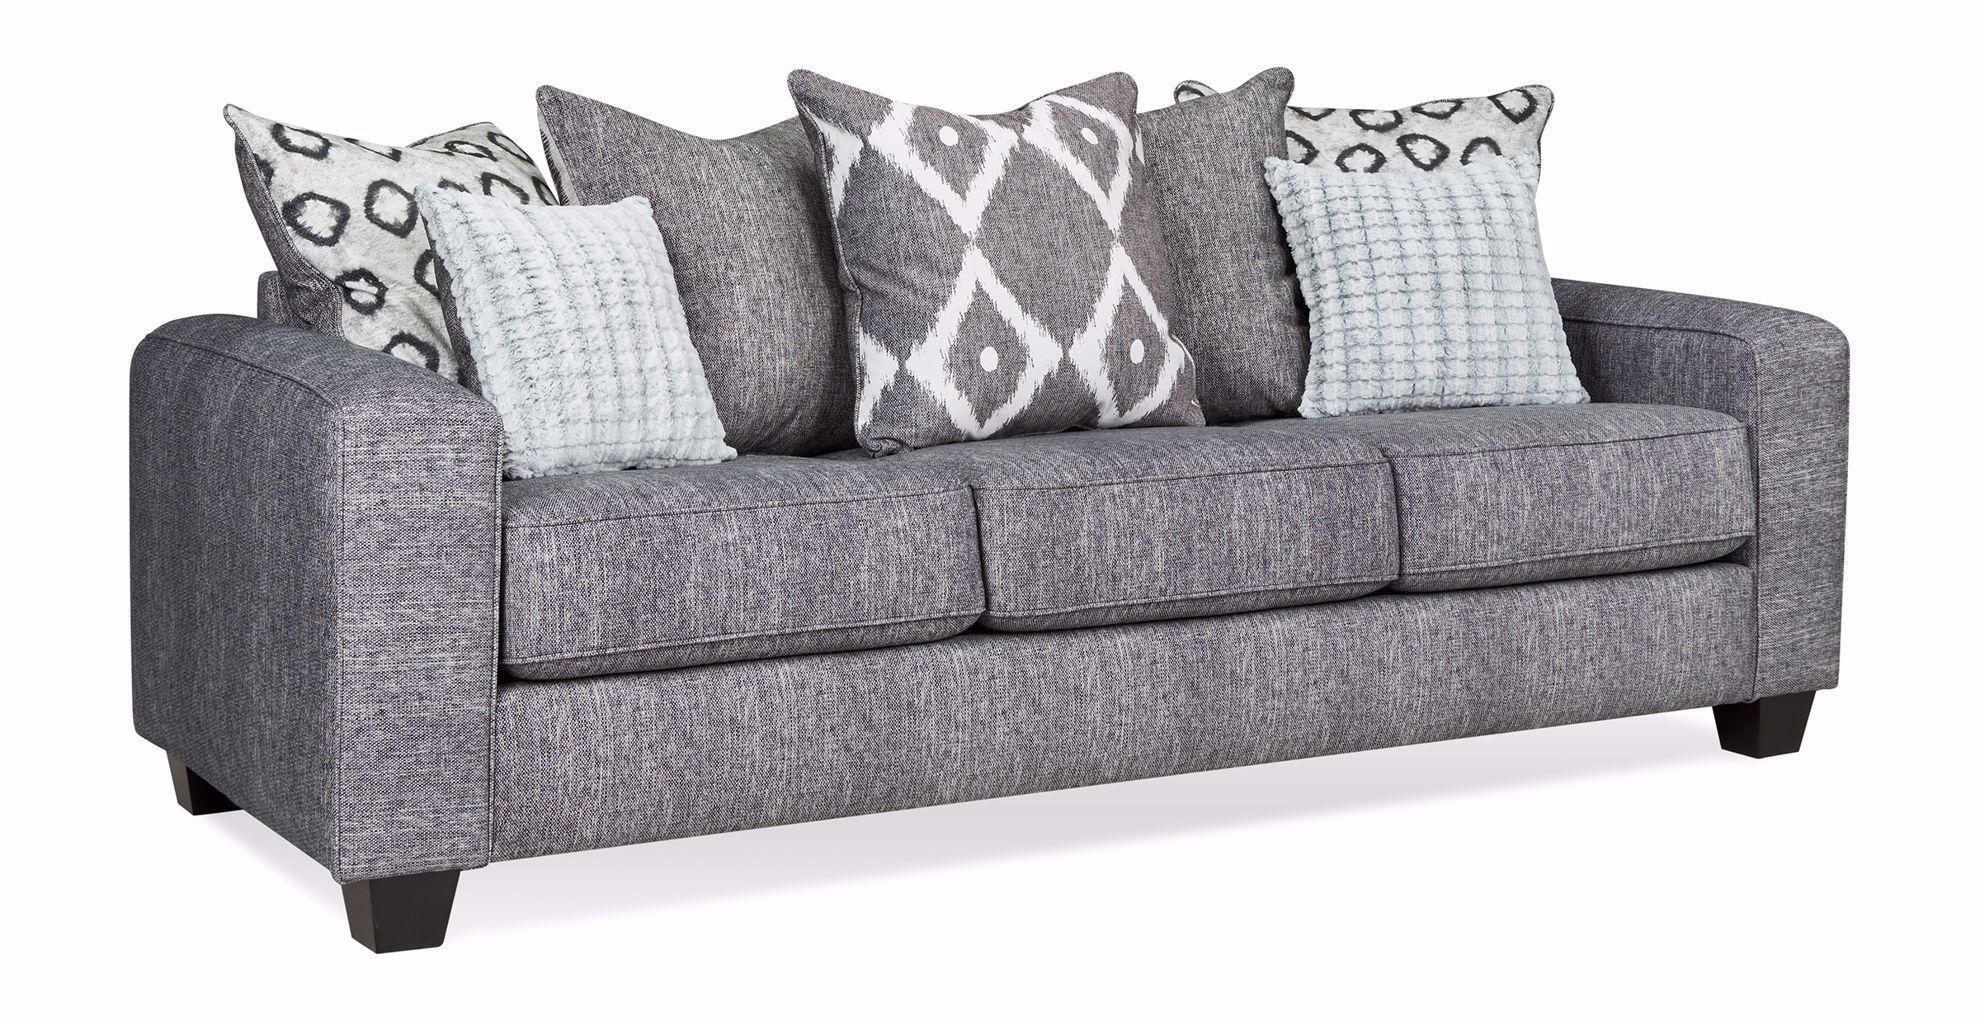 Picture of Stonewash Black Sofa